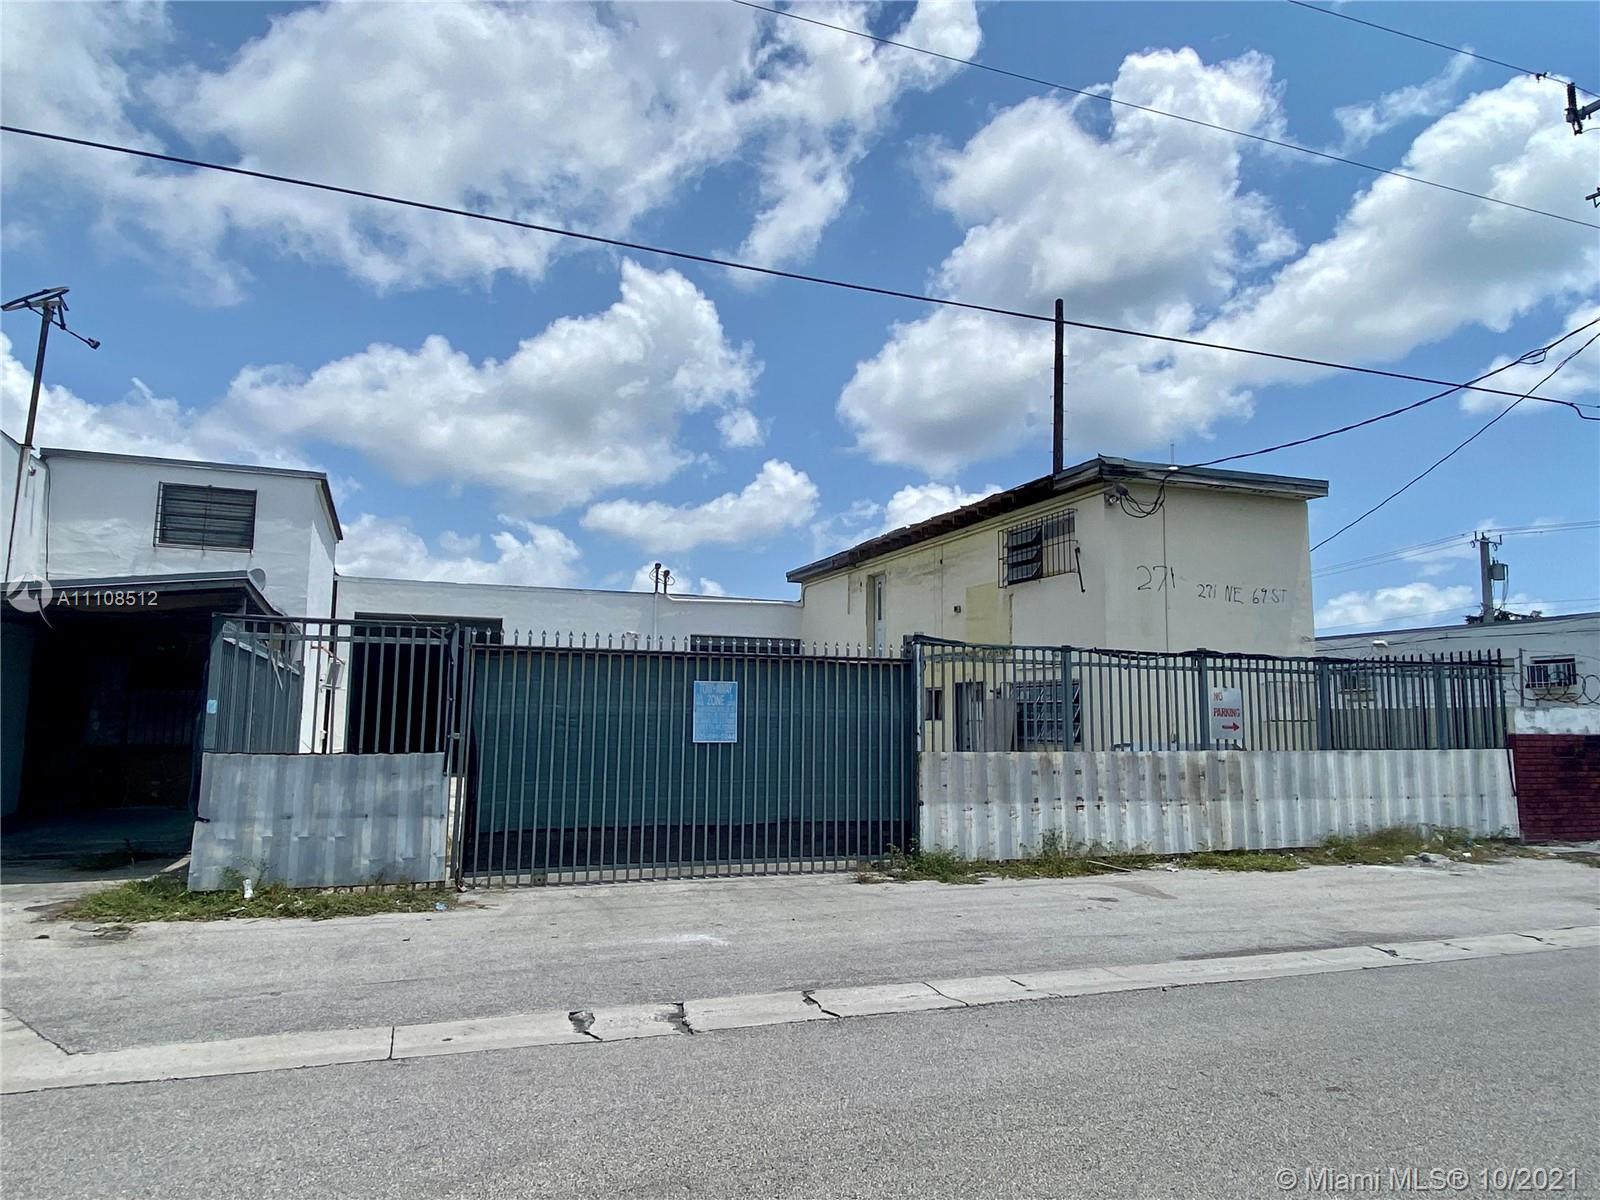 271 NE 69th St, Miami, FL 33138